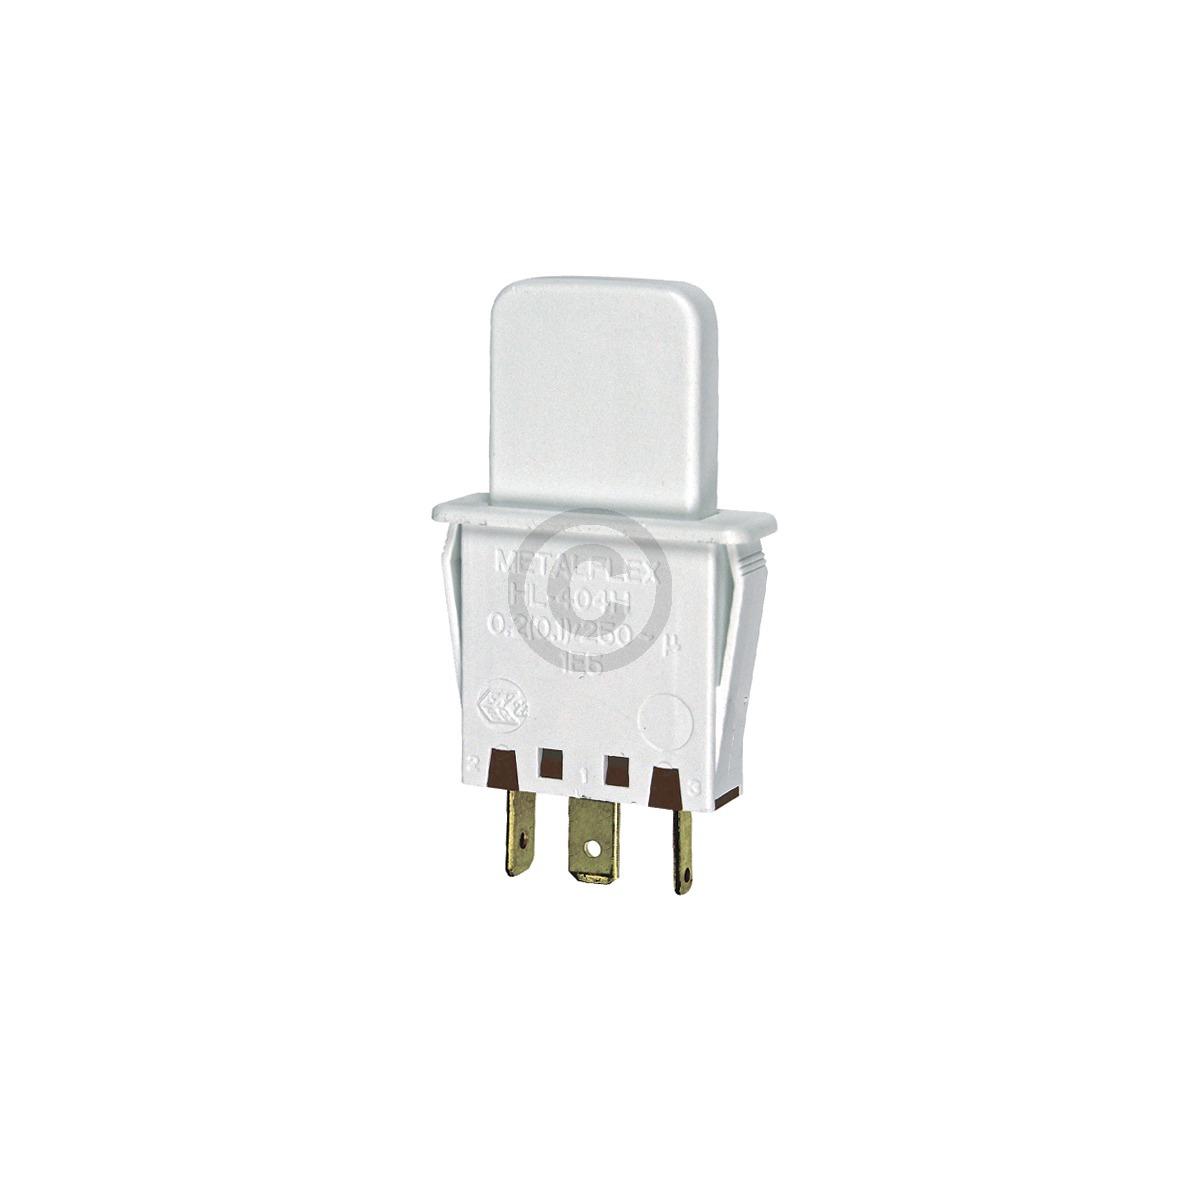 Tastenschalter 1-fach fürs Licht 00607217 607217 Bosch, Siemens, Neff